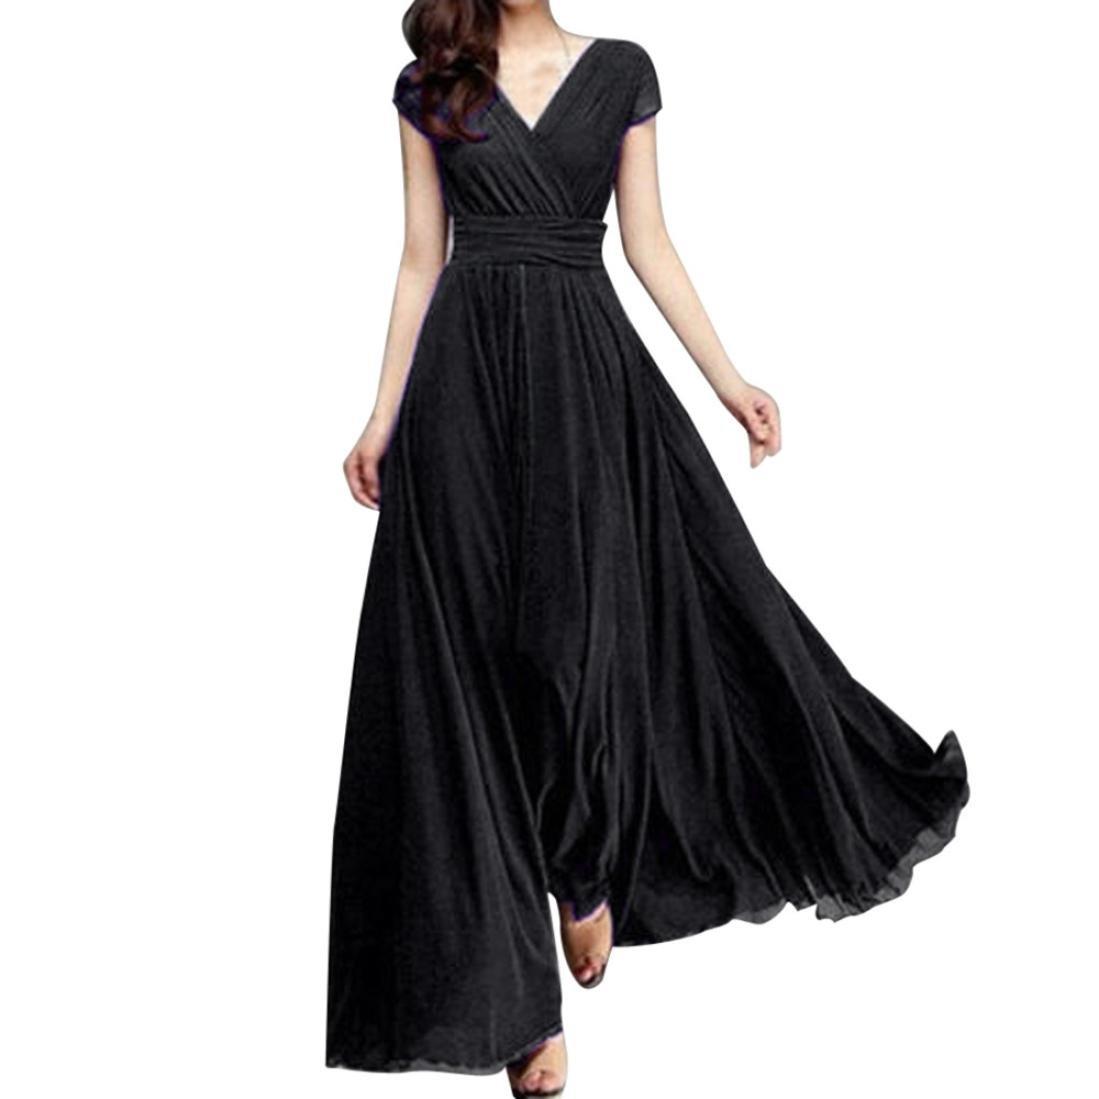 f49d5cb0a7e Internet Lady s Blouse Dress Ladies Dresses